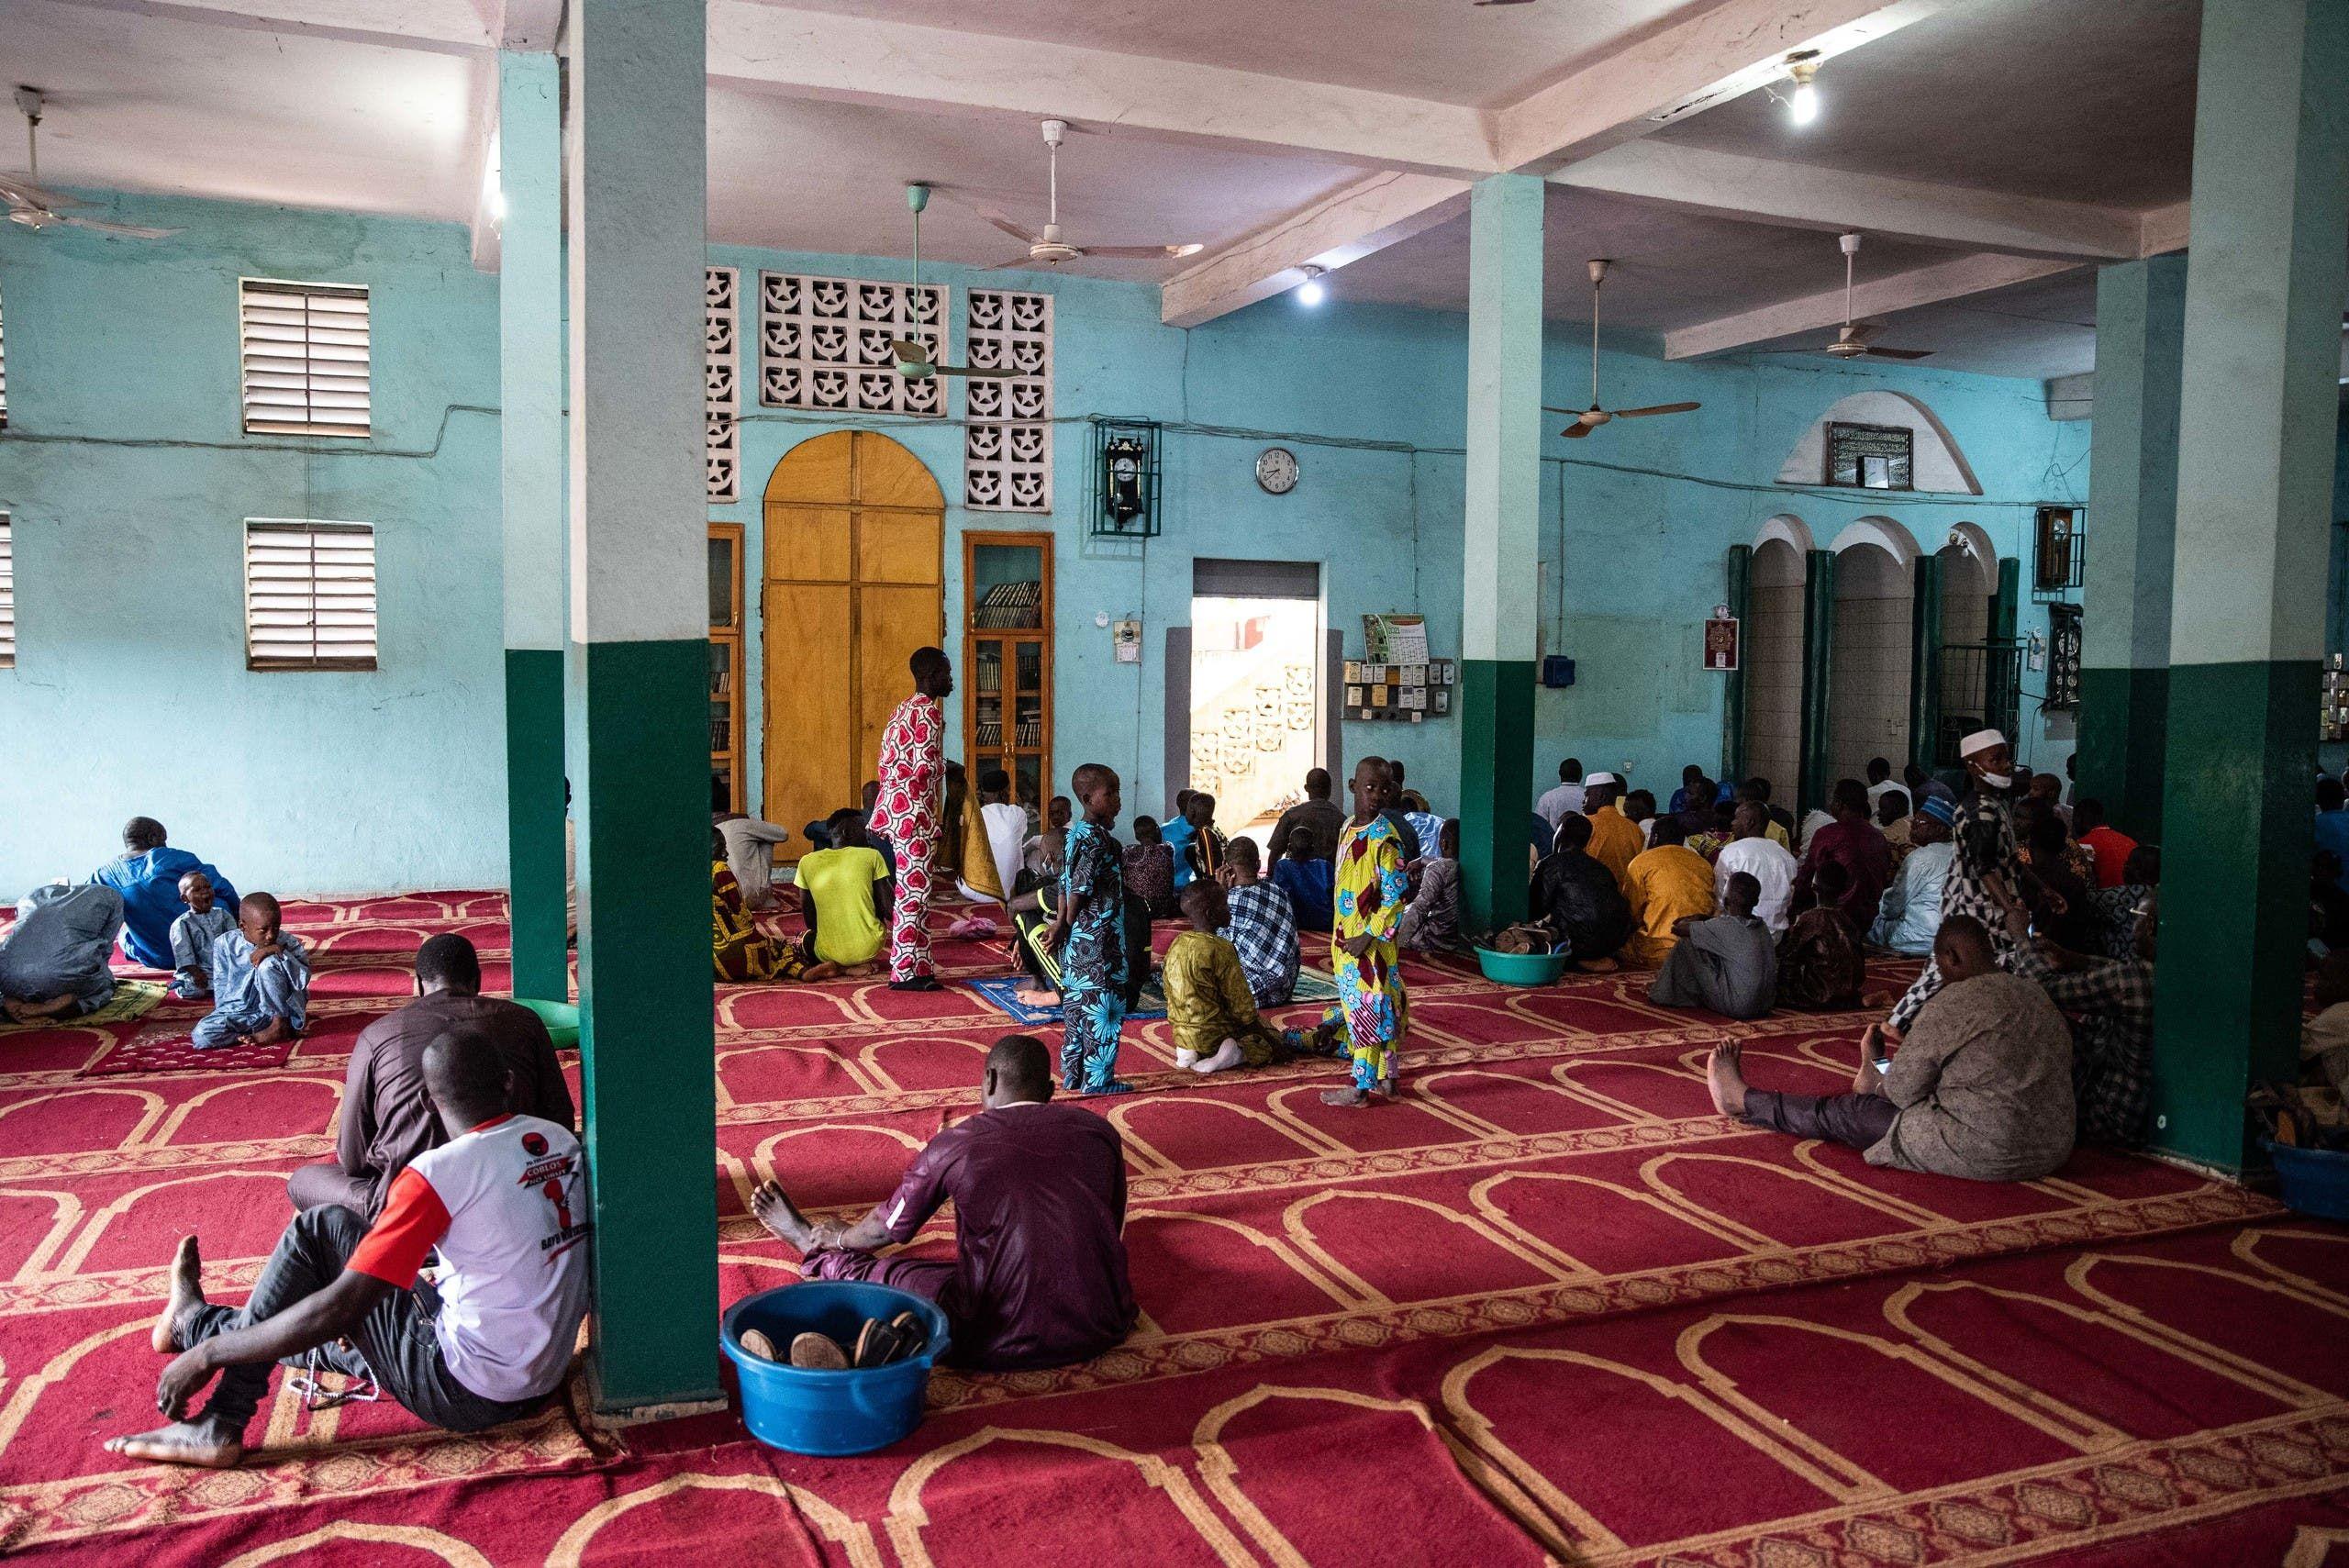 مصلون في الجامع الكبير في باماكو اليوم بمناسبة عيد الأضحى